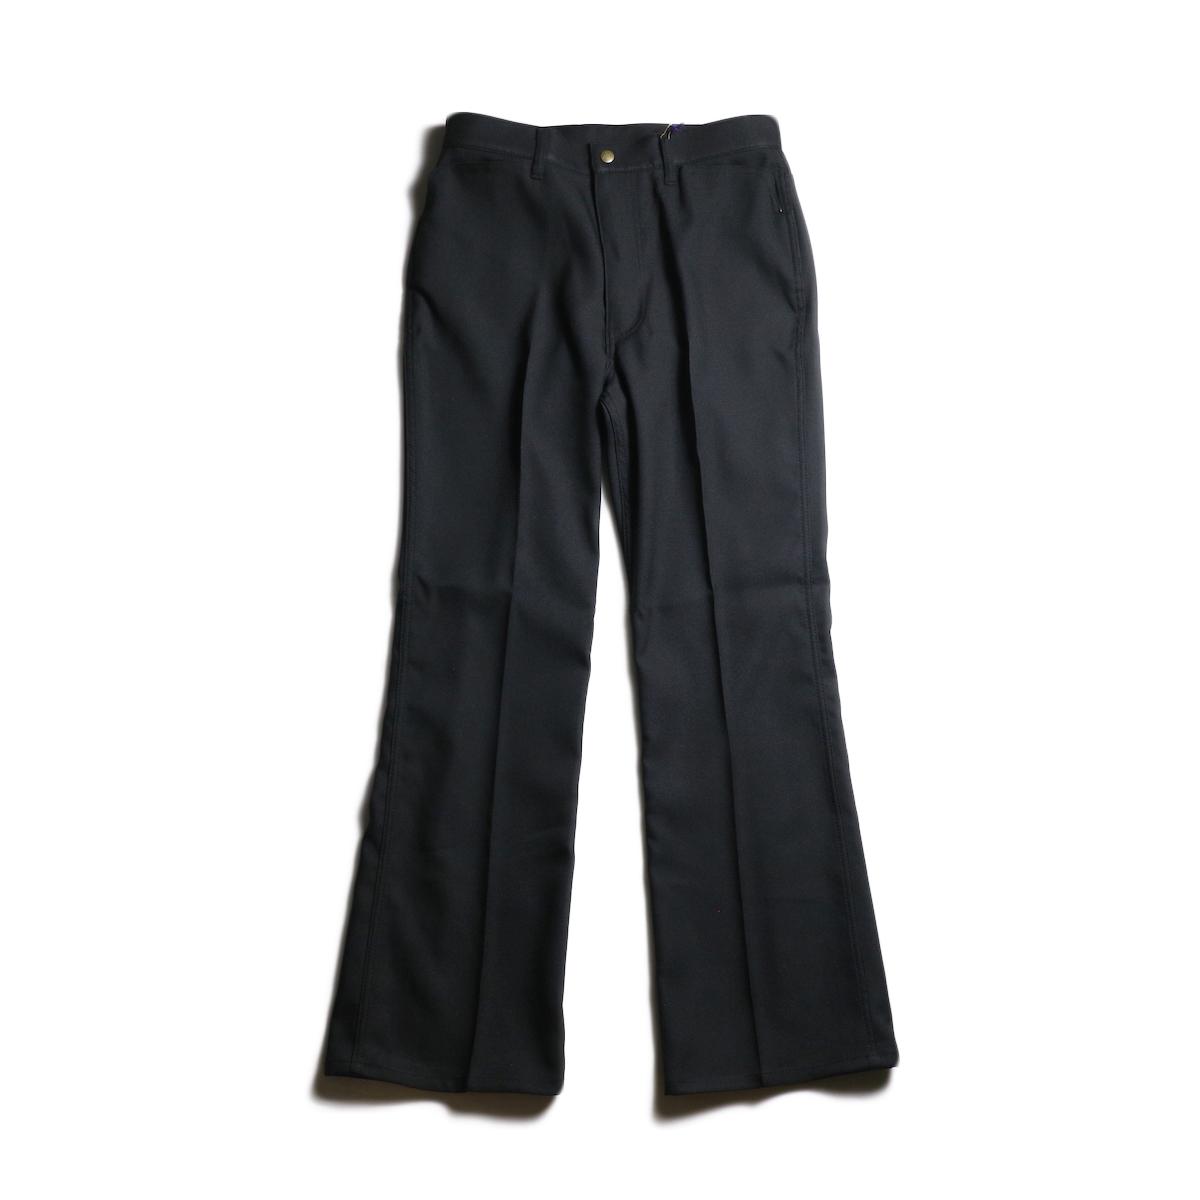 Needles / BOOT-CUT JEAN - POLY TWILL (Black)